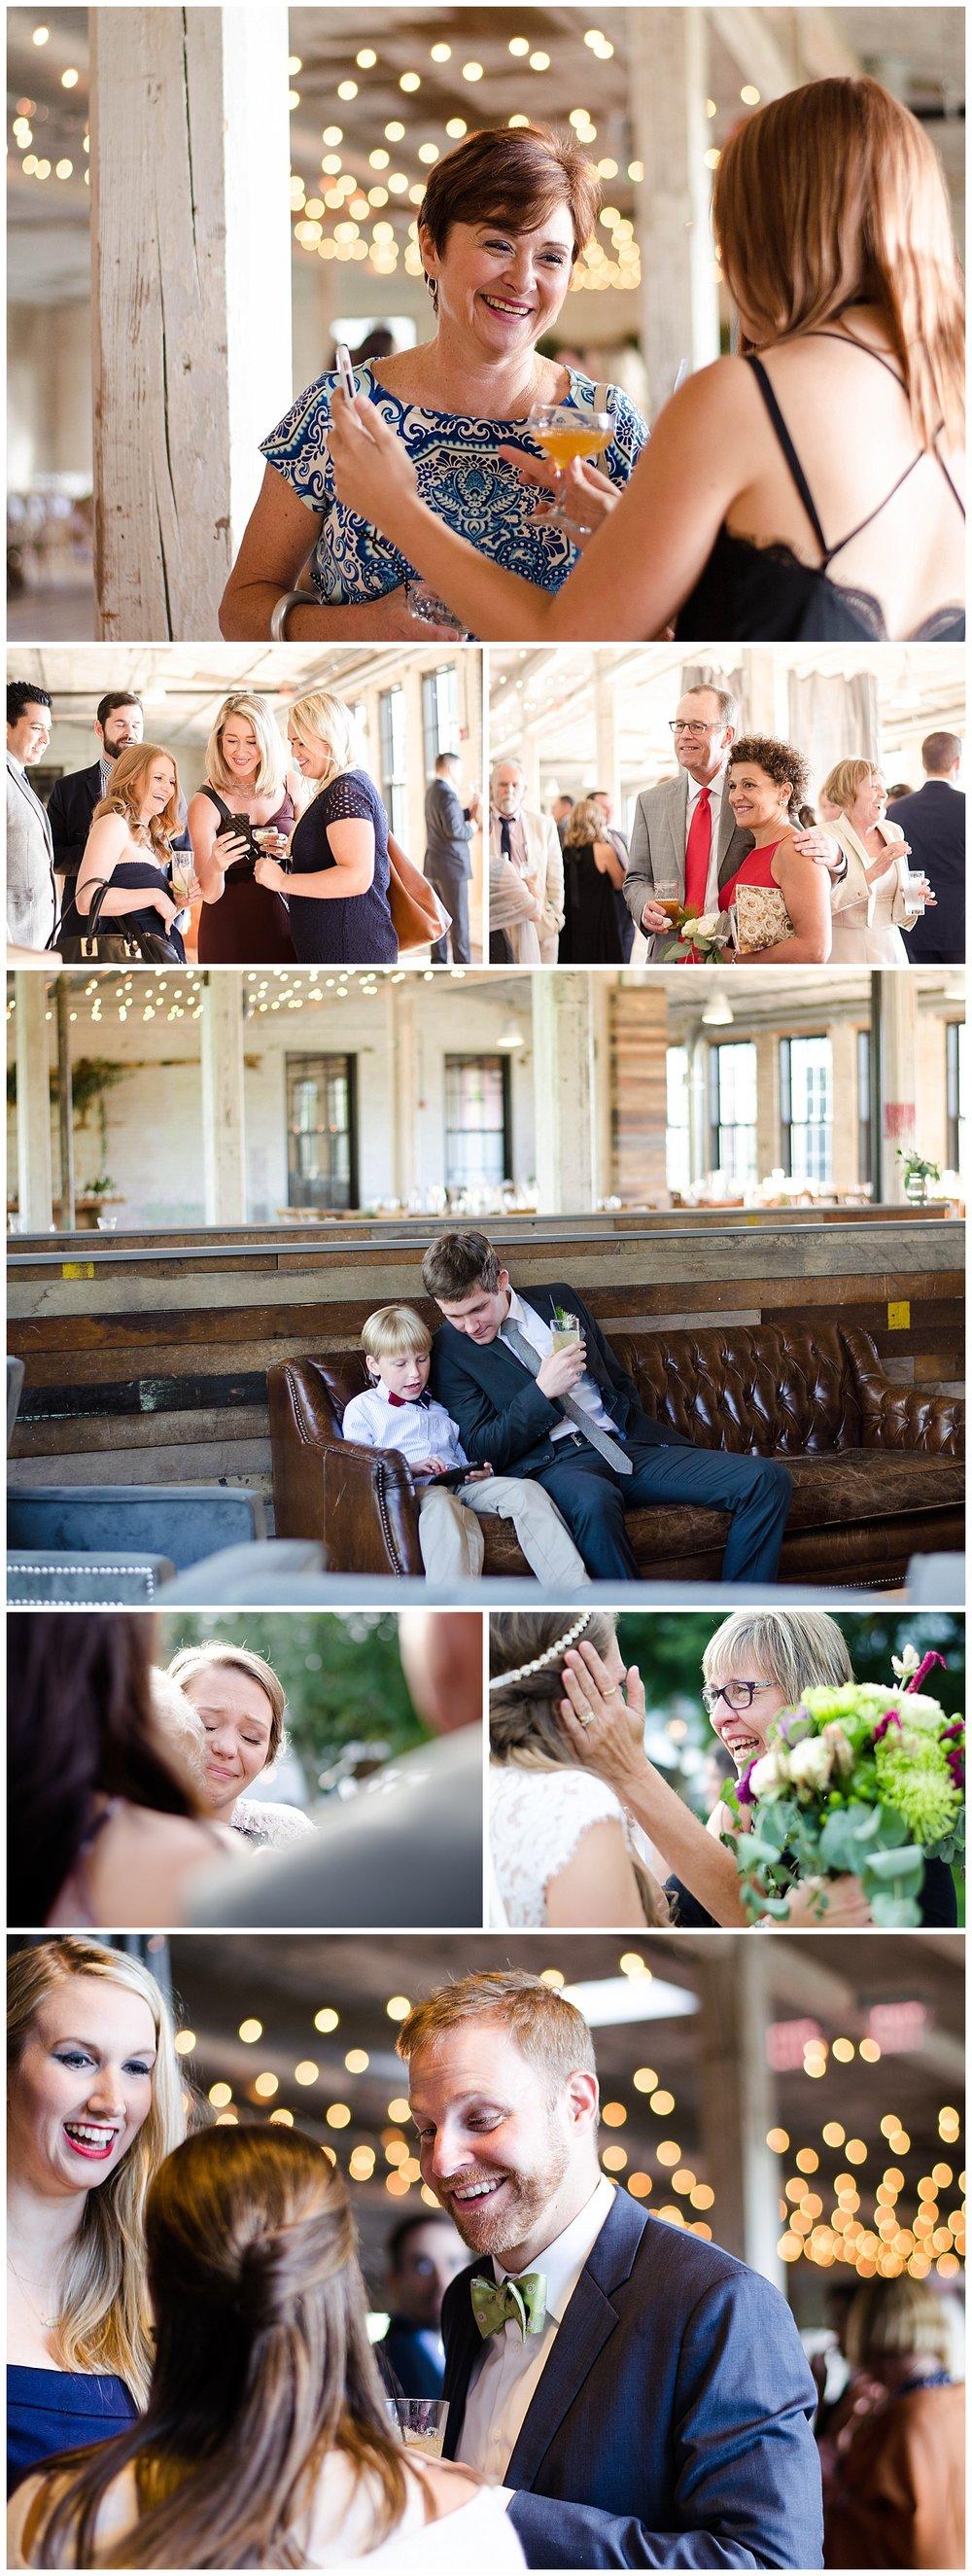 weddings-by-raisa-michigan-photographer_0015.jpg